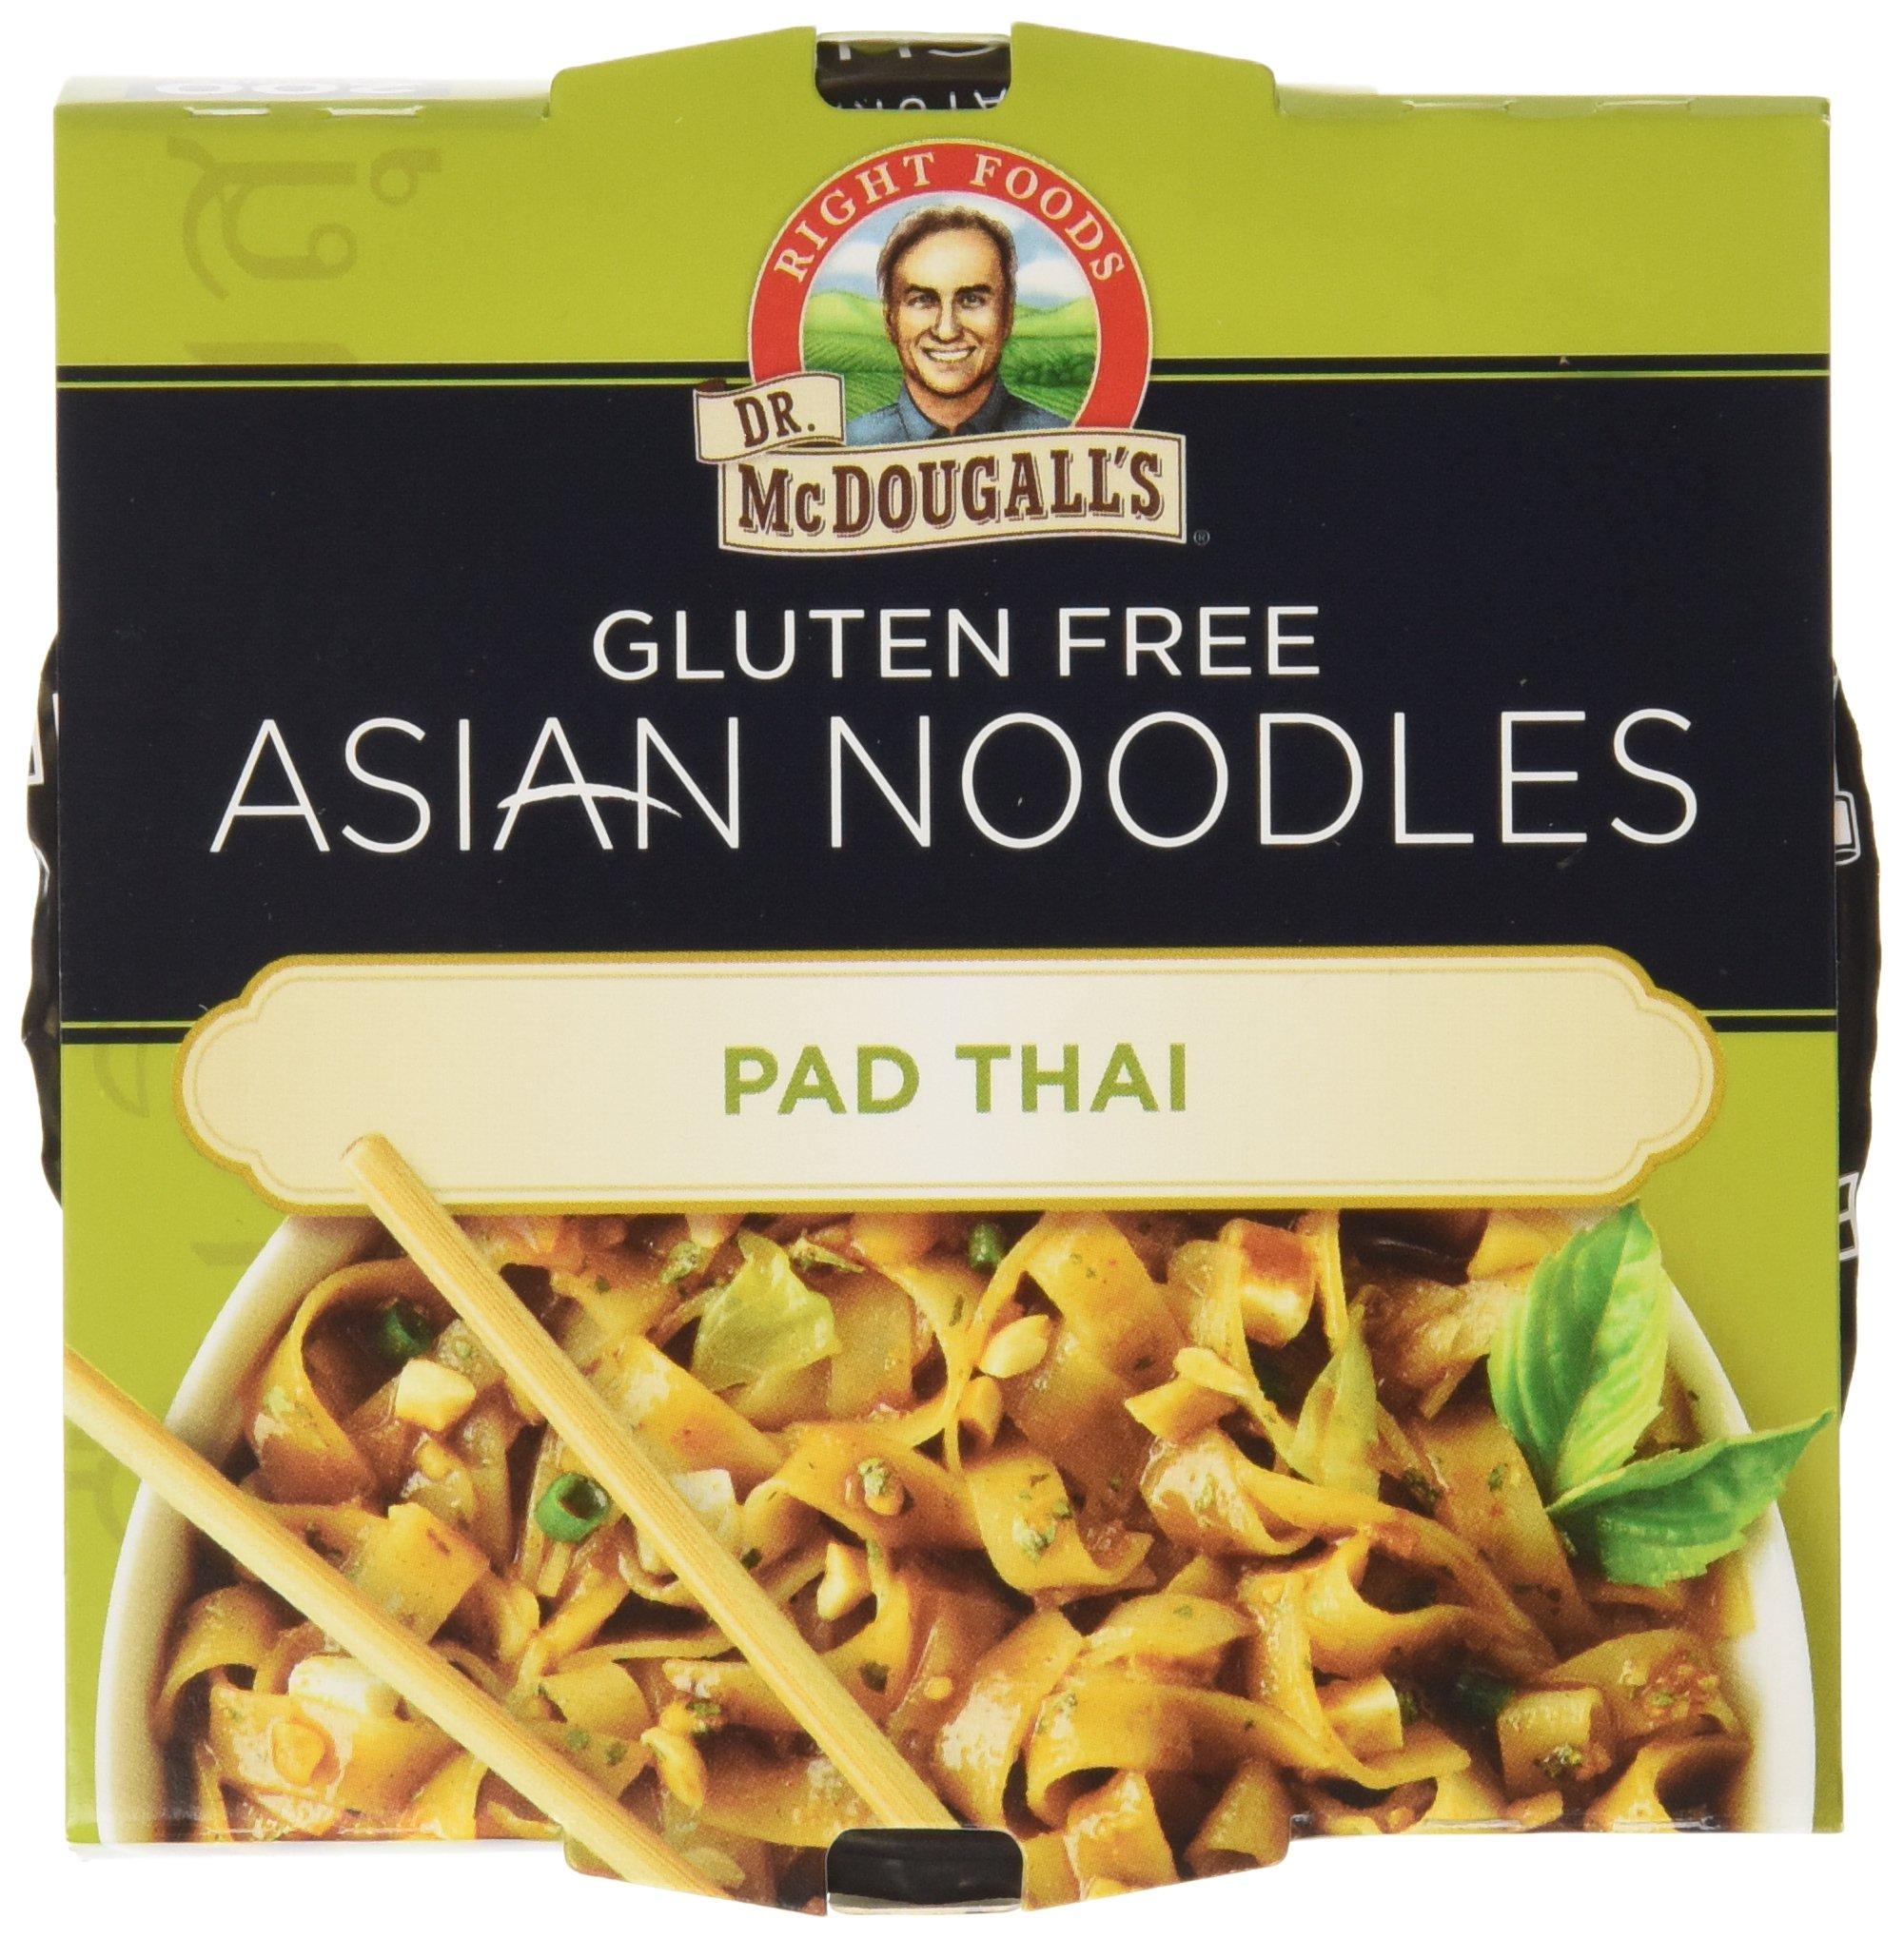 Dr. McDougall's Pad Thai Noodles Gluten Free Soup Cup, 2 oz